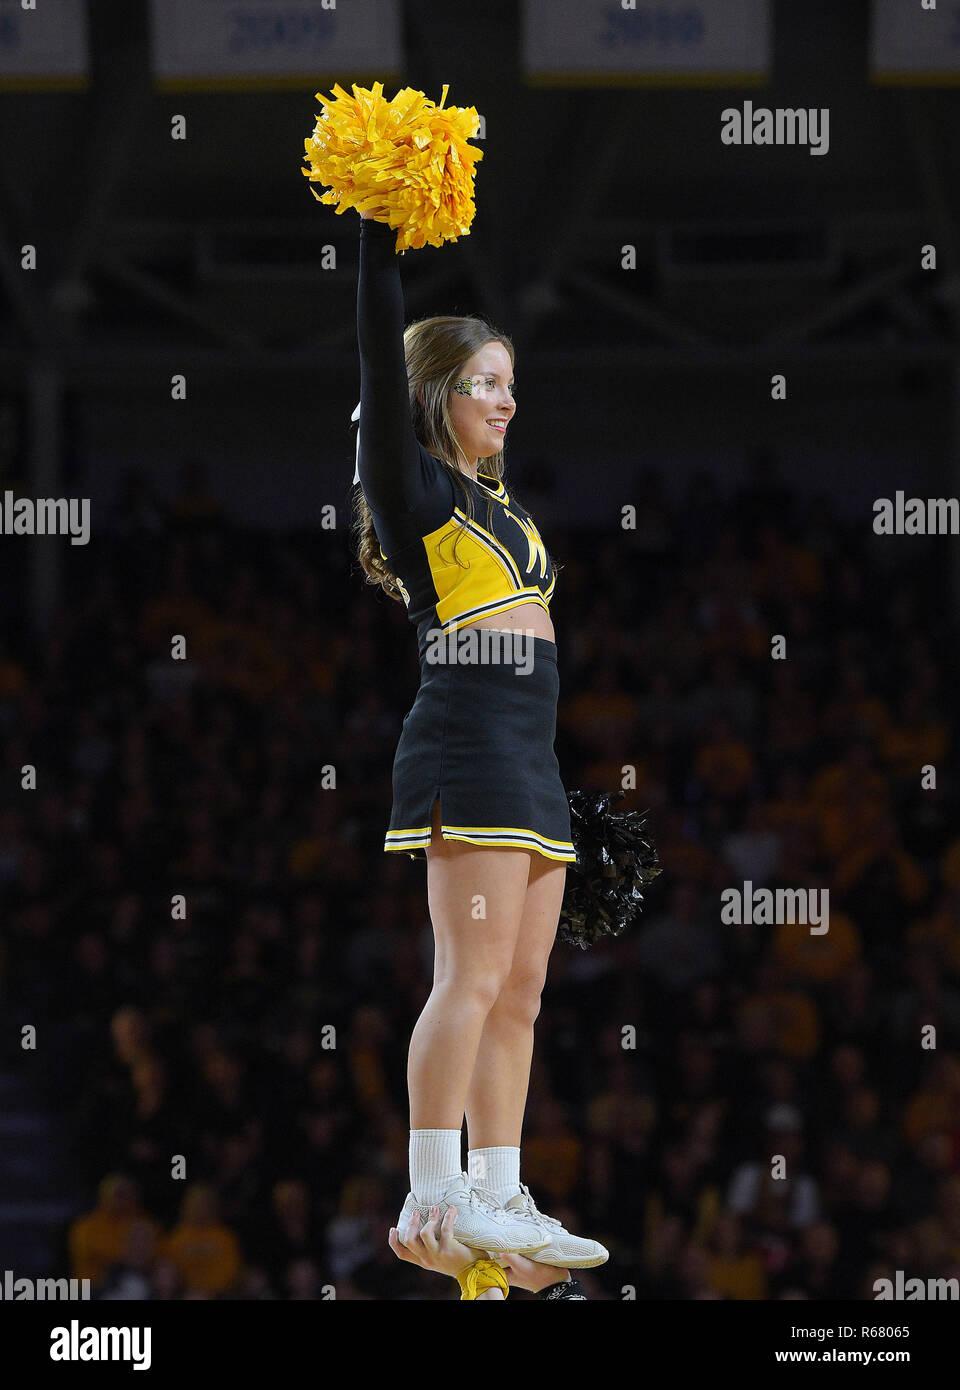 Kan cheerleaders dating NBA-spelare